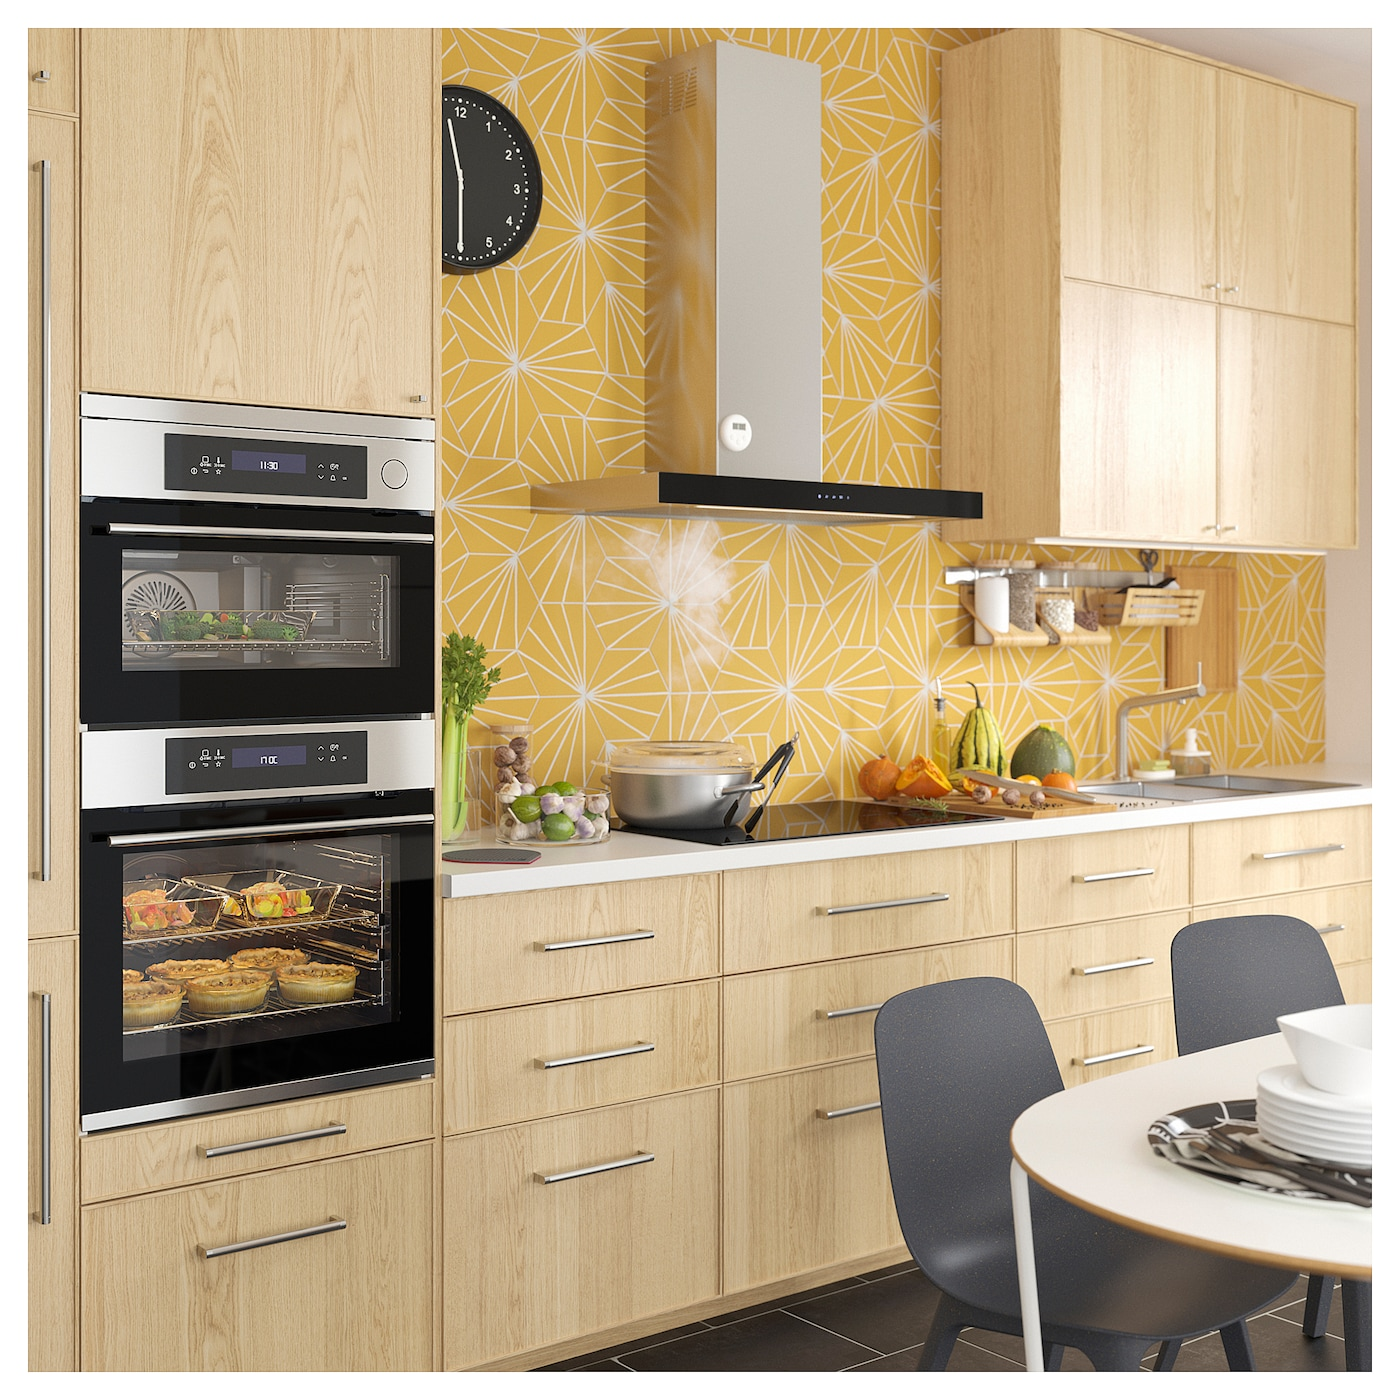 Full Size of Kulinarisk Dampfgarer Edelstahl Ikea Deutschland Edelstahlküche Gebraucht Modulküche Outdoor Küche Holz Garten Wohnzimmer Modulküche Edelstahl